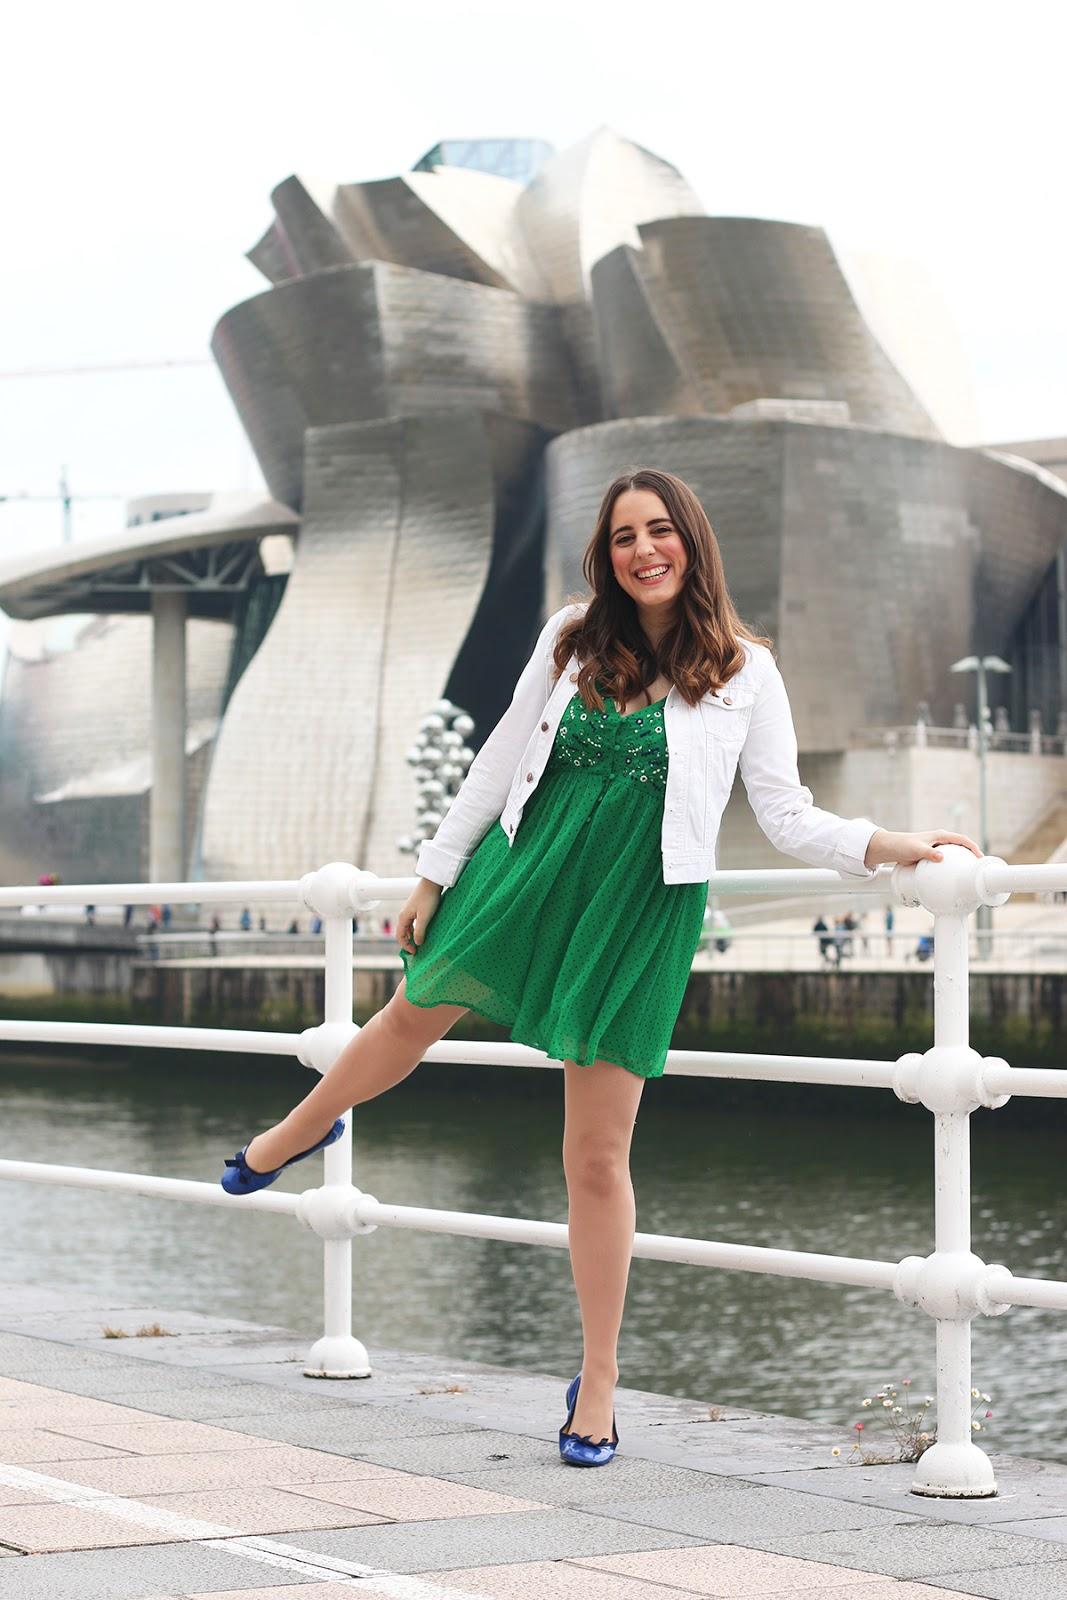 Vestido verde outfit